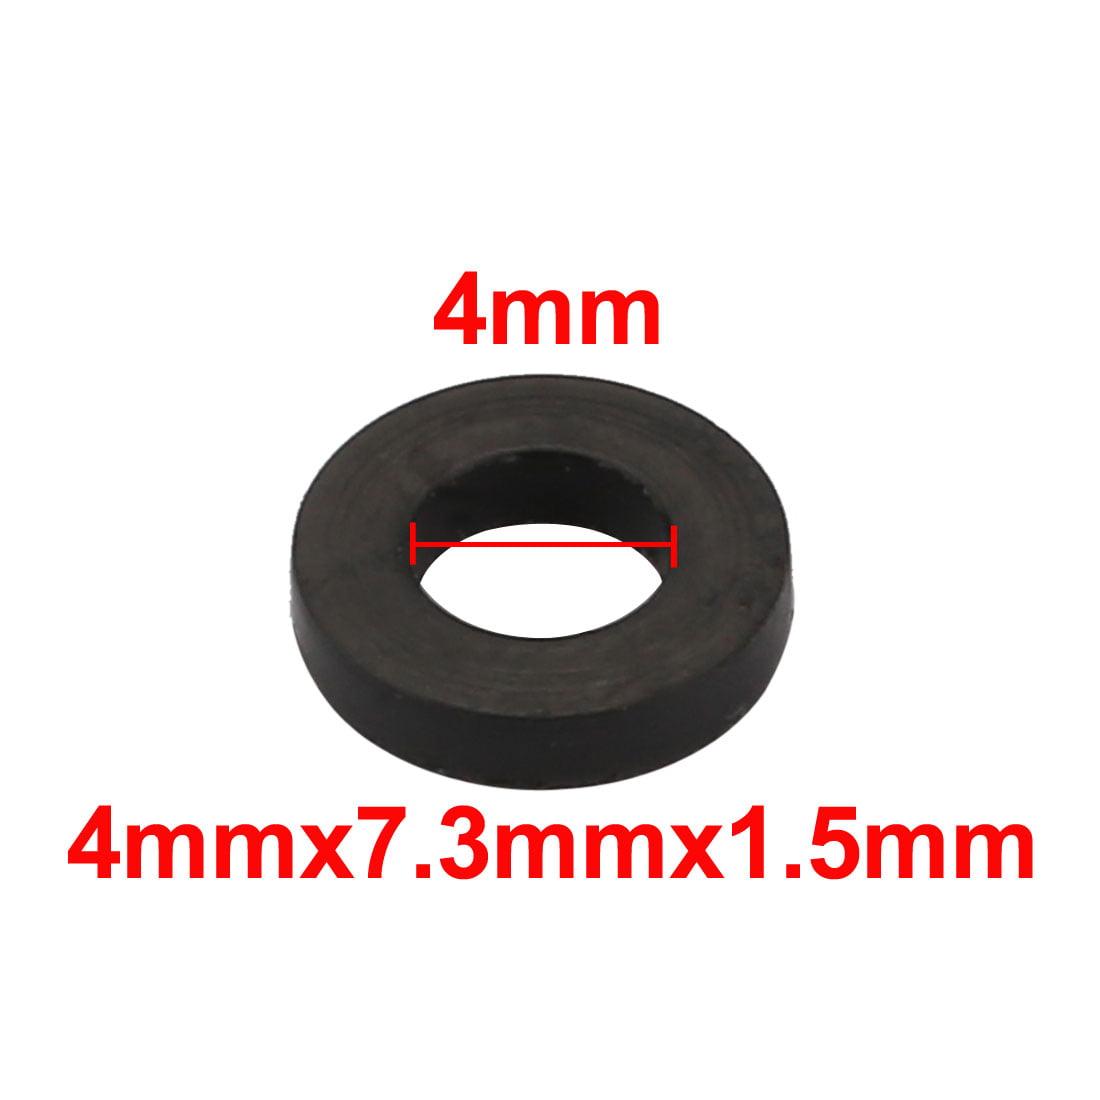 10Pcs rondelle plate ronde caoutchouc mesures assortie 4x7.3x1.5mm - image 1 de 2